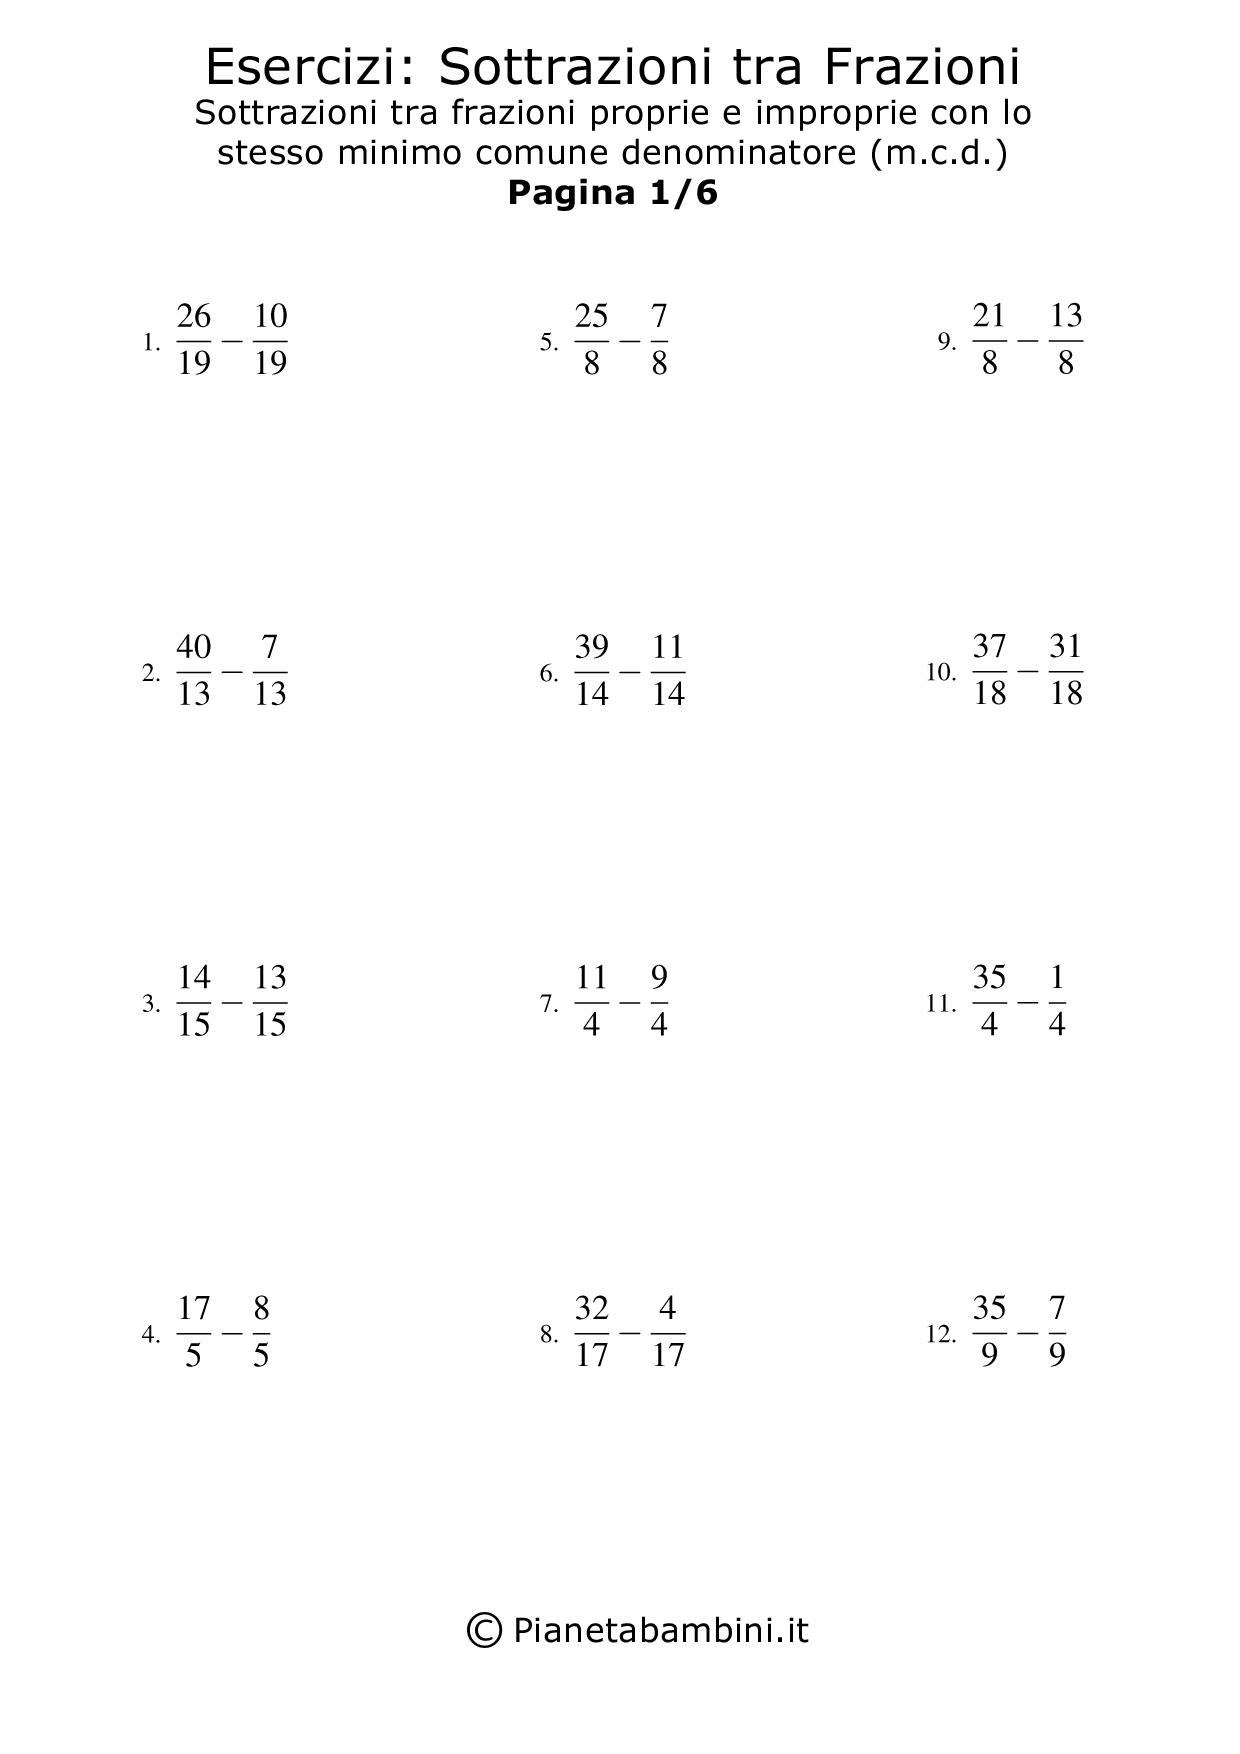 Sottrazioni-Frazioni-m.c.d.-Uguale_1